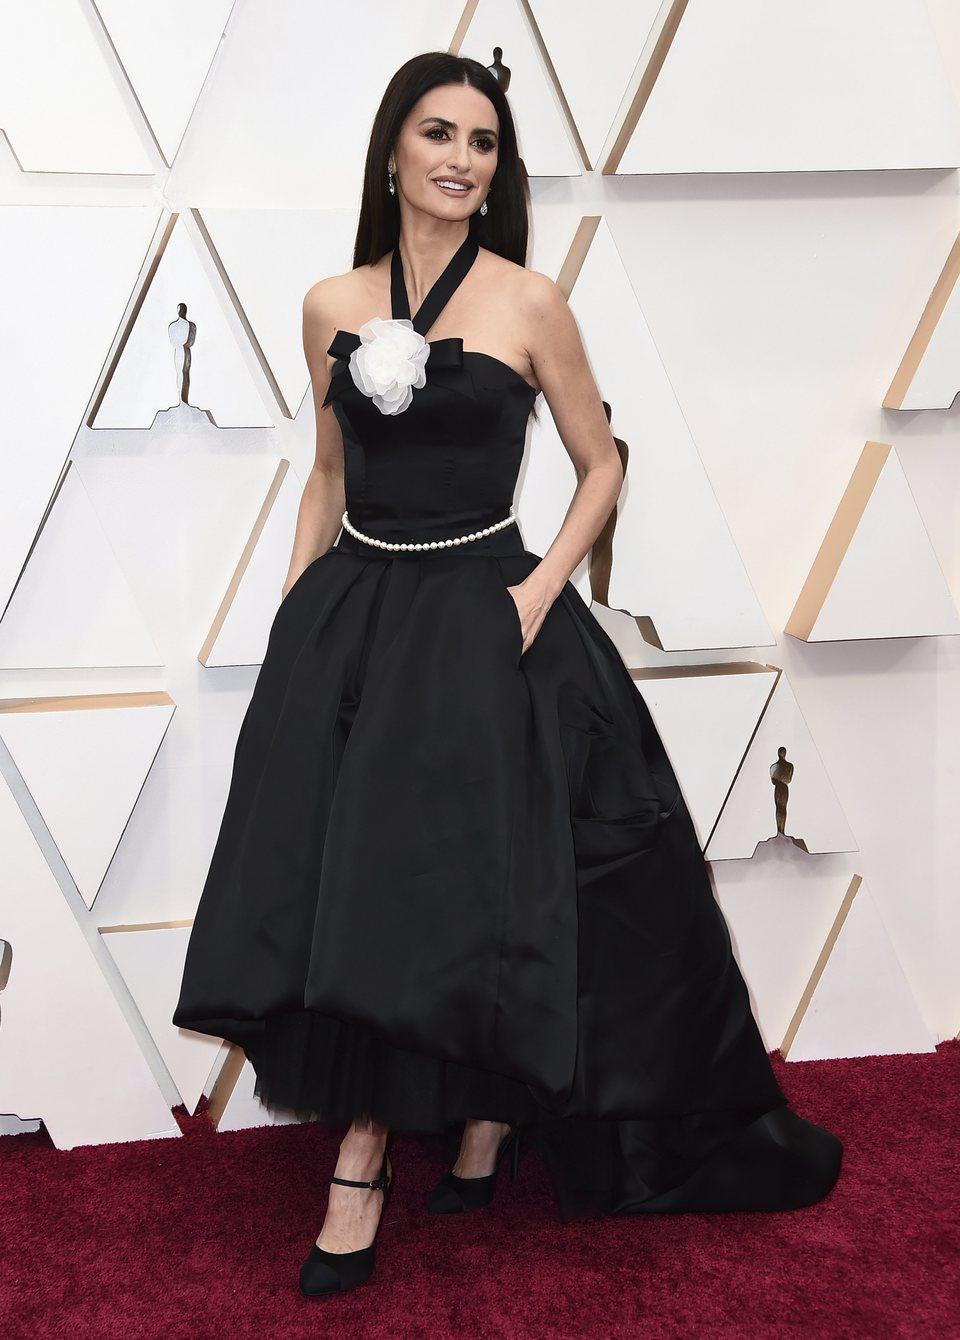 Penélope Cruz at the Oscar 2020 red carpet